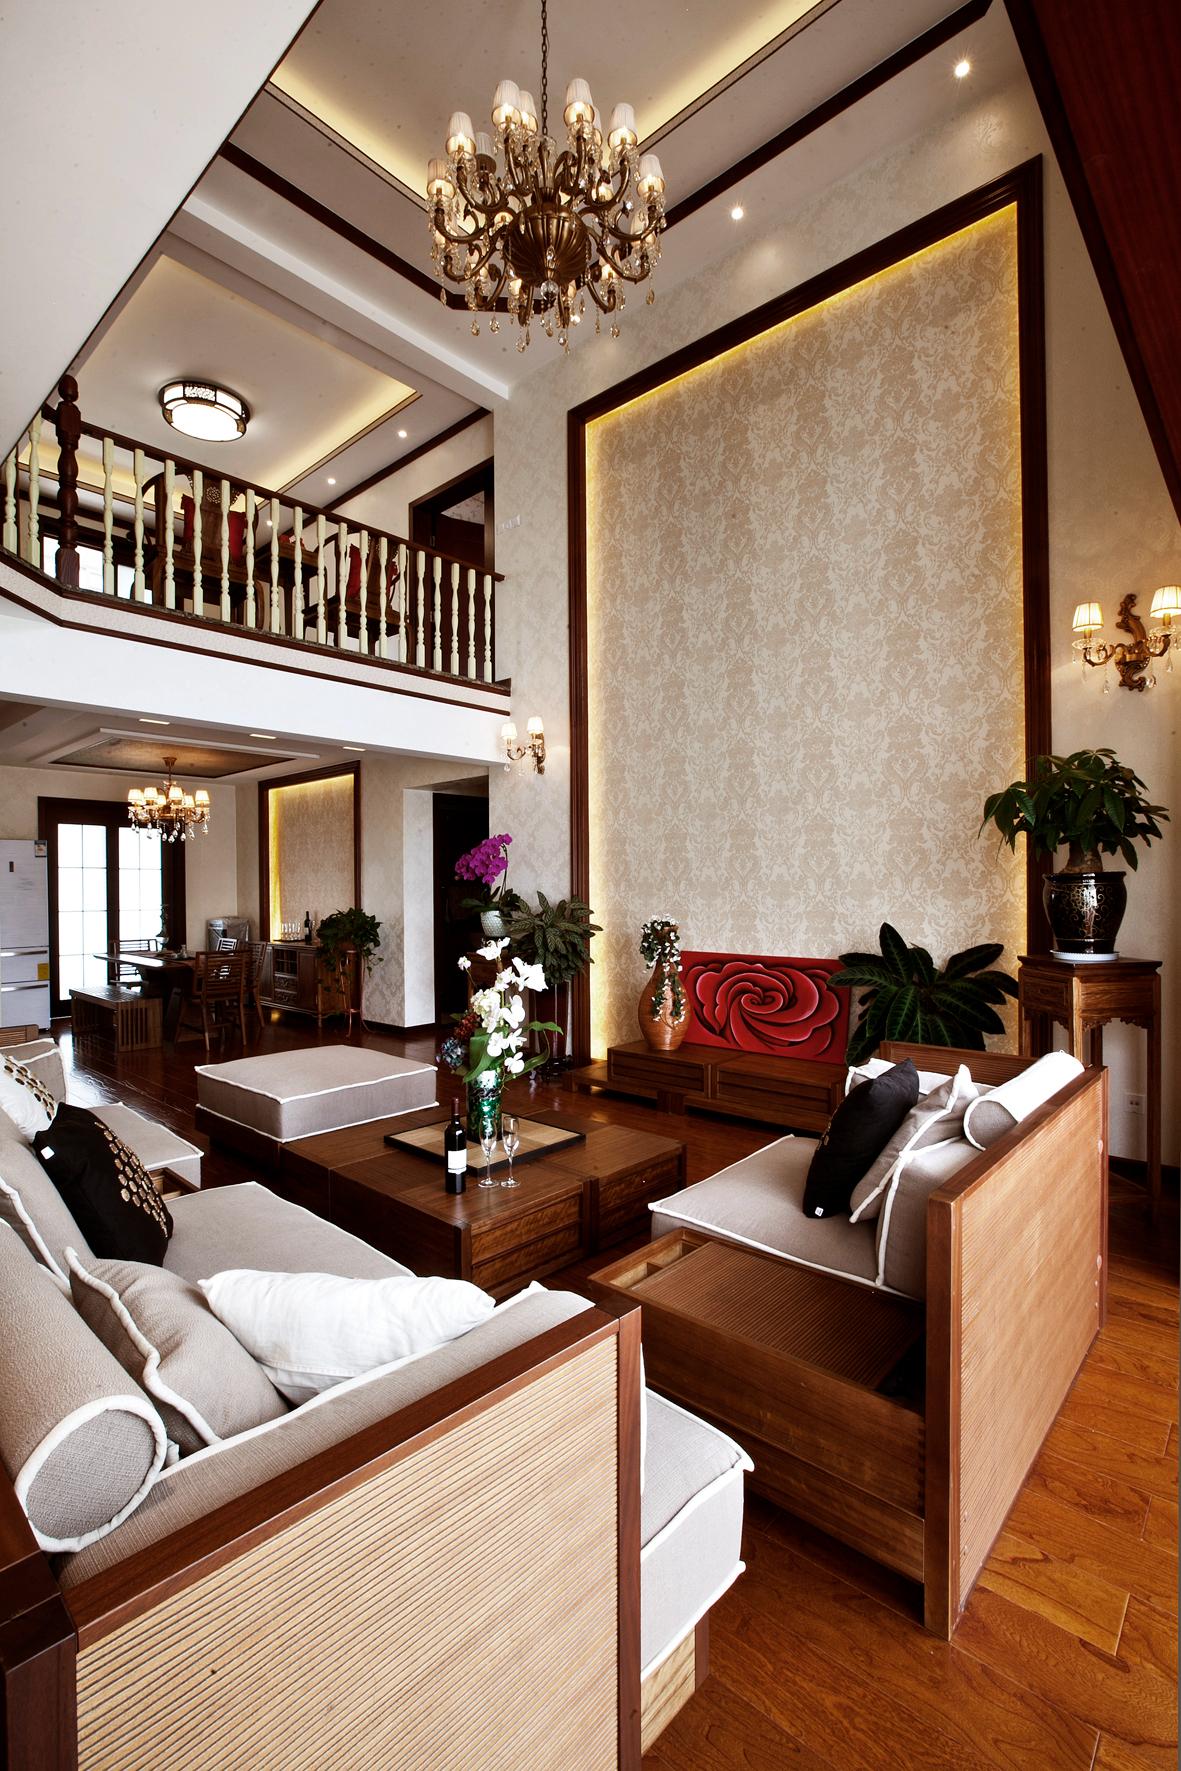 中式别墅装修客厅效果图